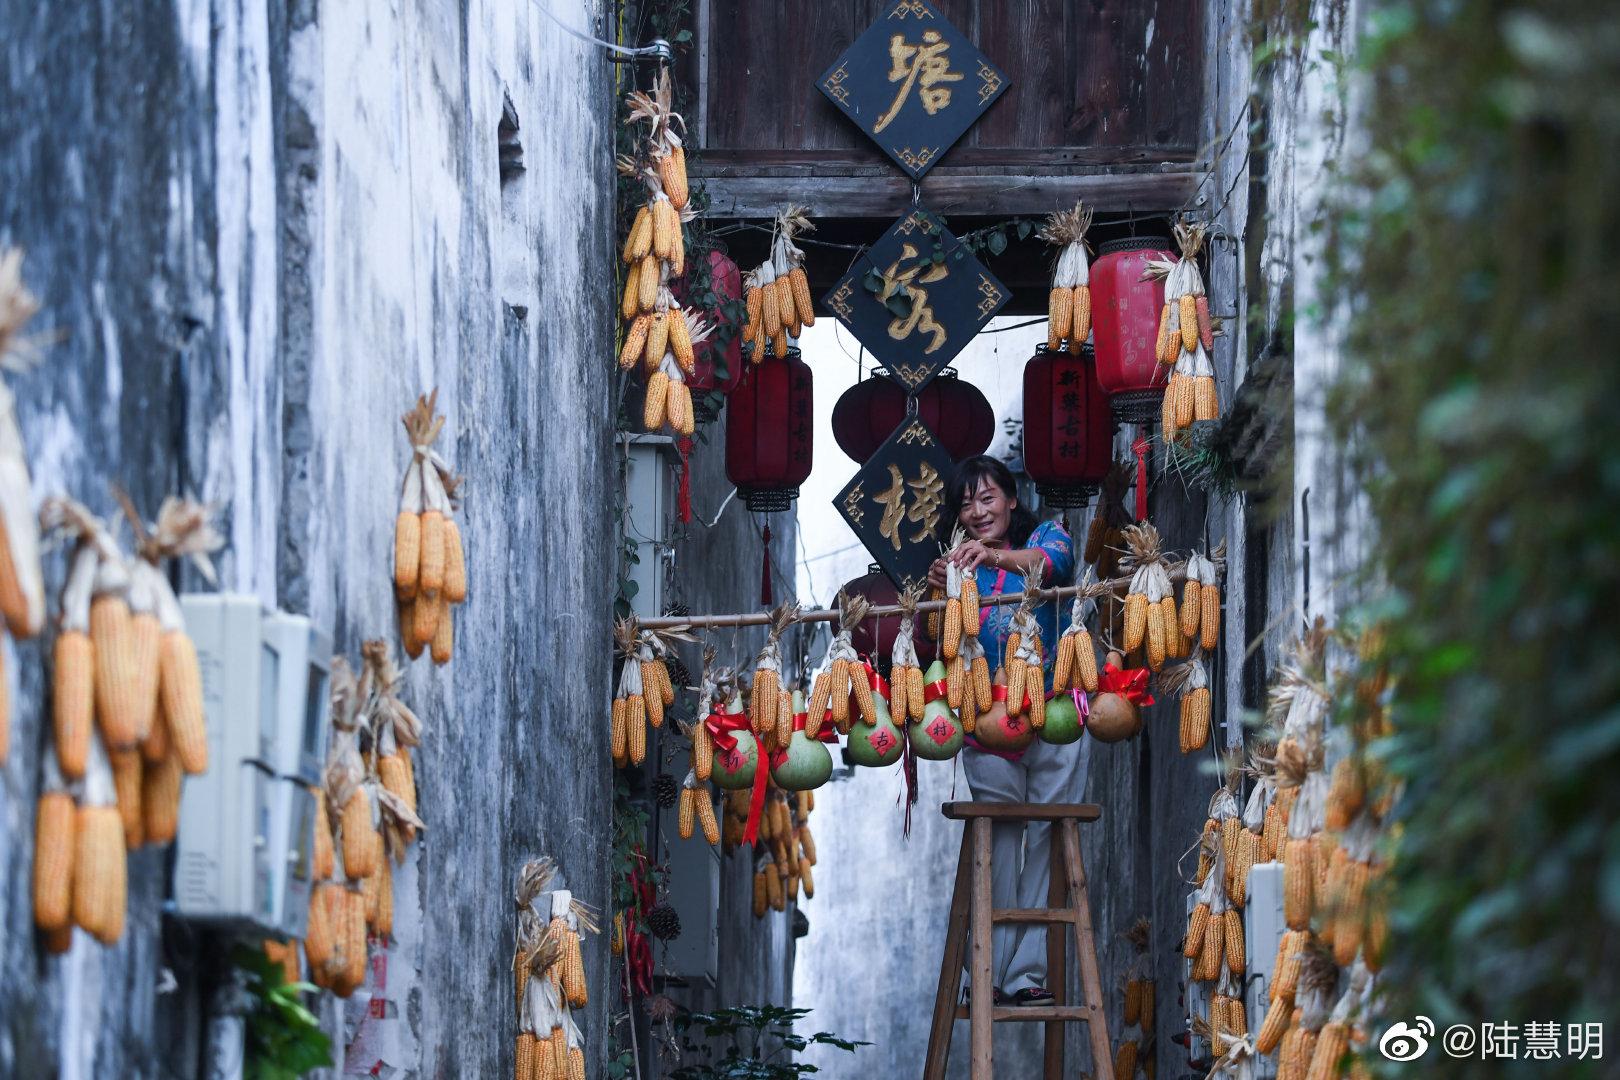 """浙江省建德市,大慈岩镇新叶古村举办""""晒秋节。"""